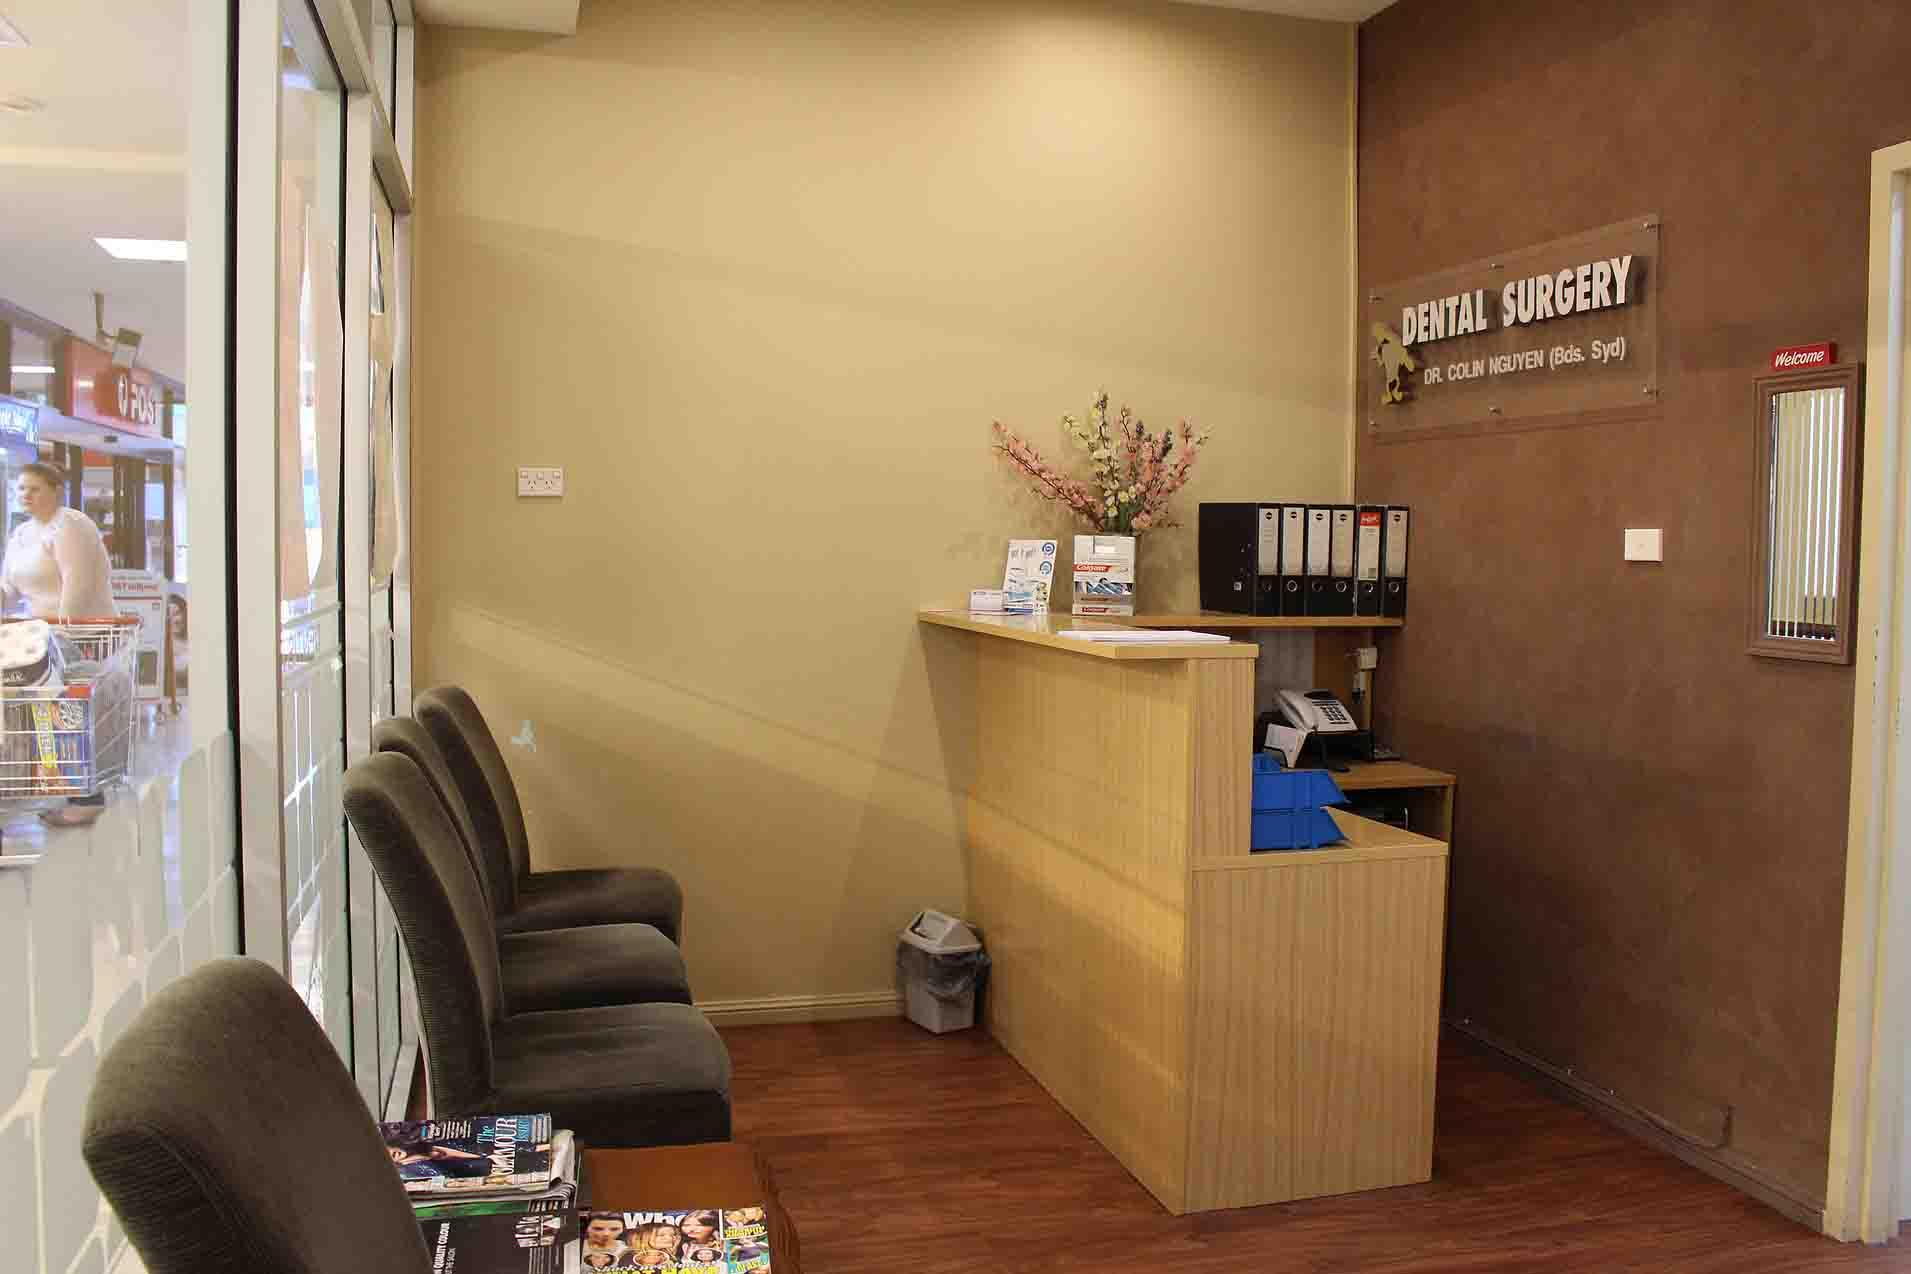 kellyville dental services entrance